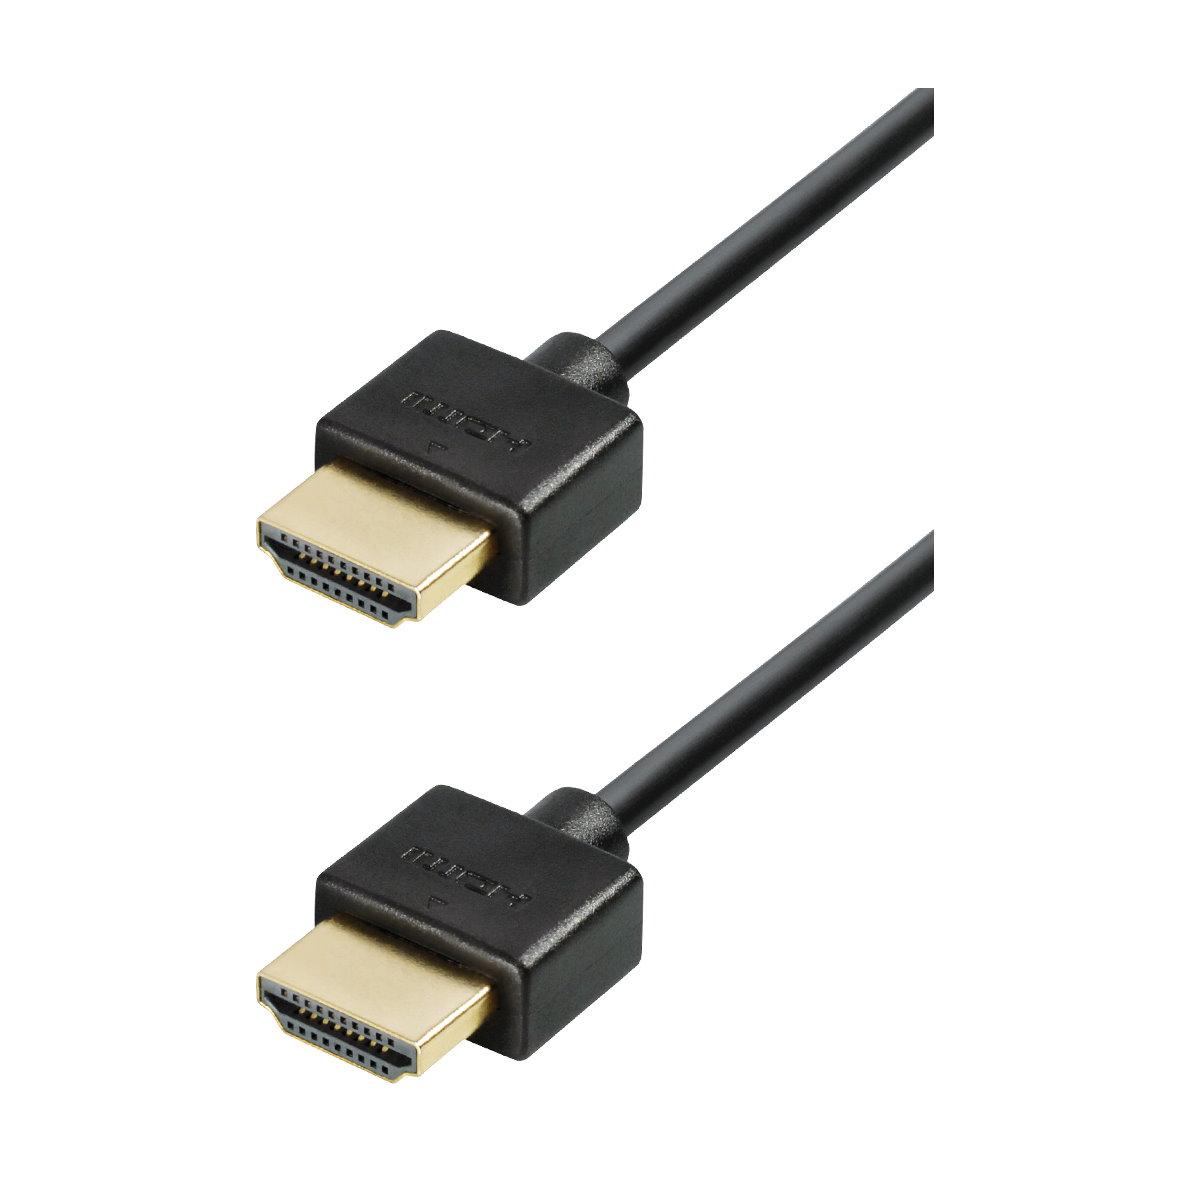 HighEnd Ultra HDMI Kabel 4K UHD 3D Ethernet 1.4 Echt PS3 ... Hdmi Kabel